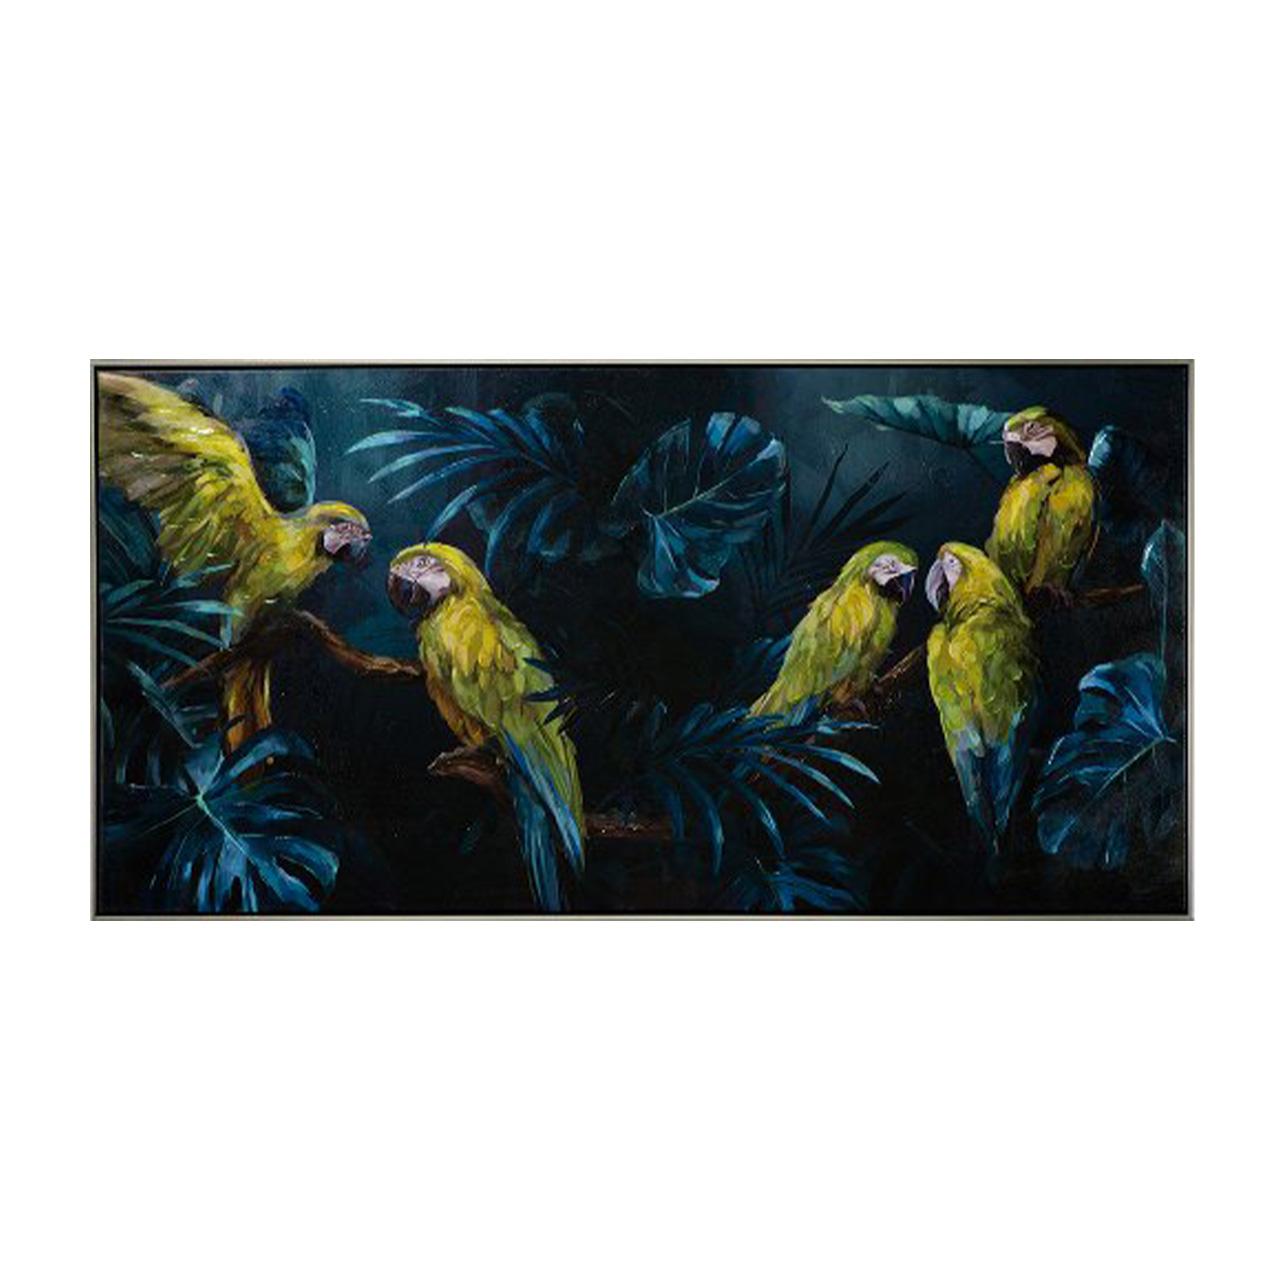 Imageland Bild Papageien im blauen Dschungel